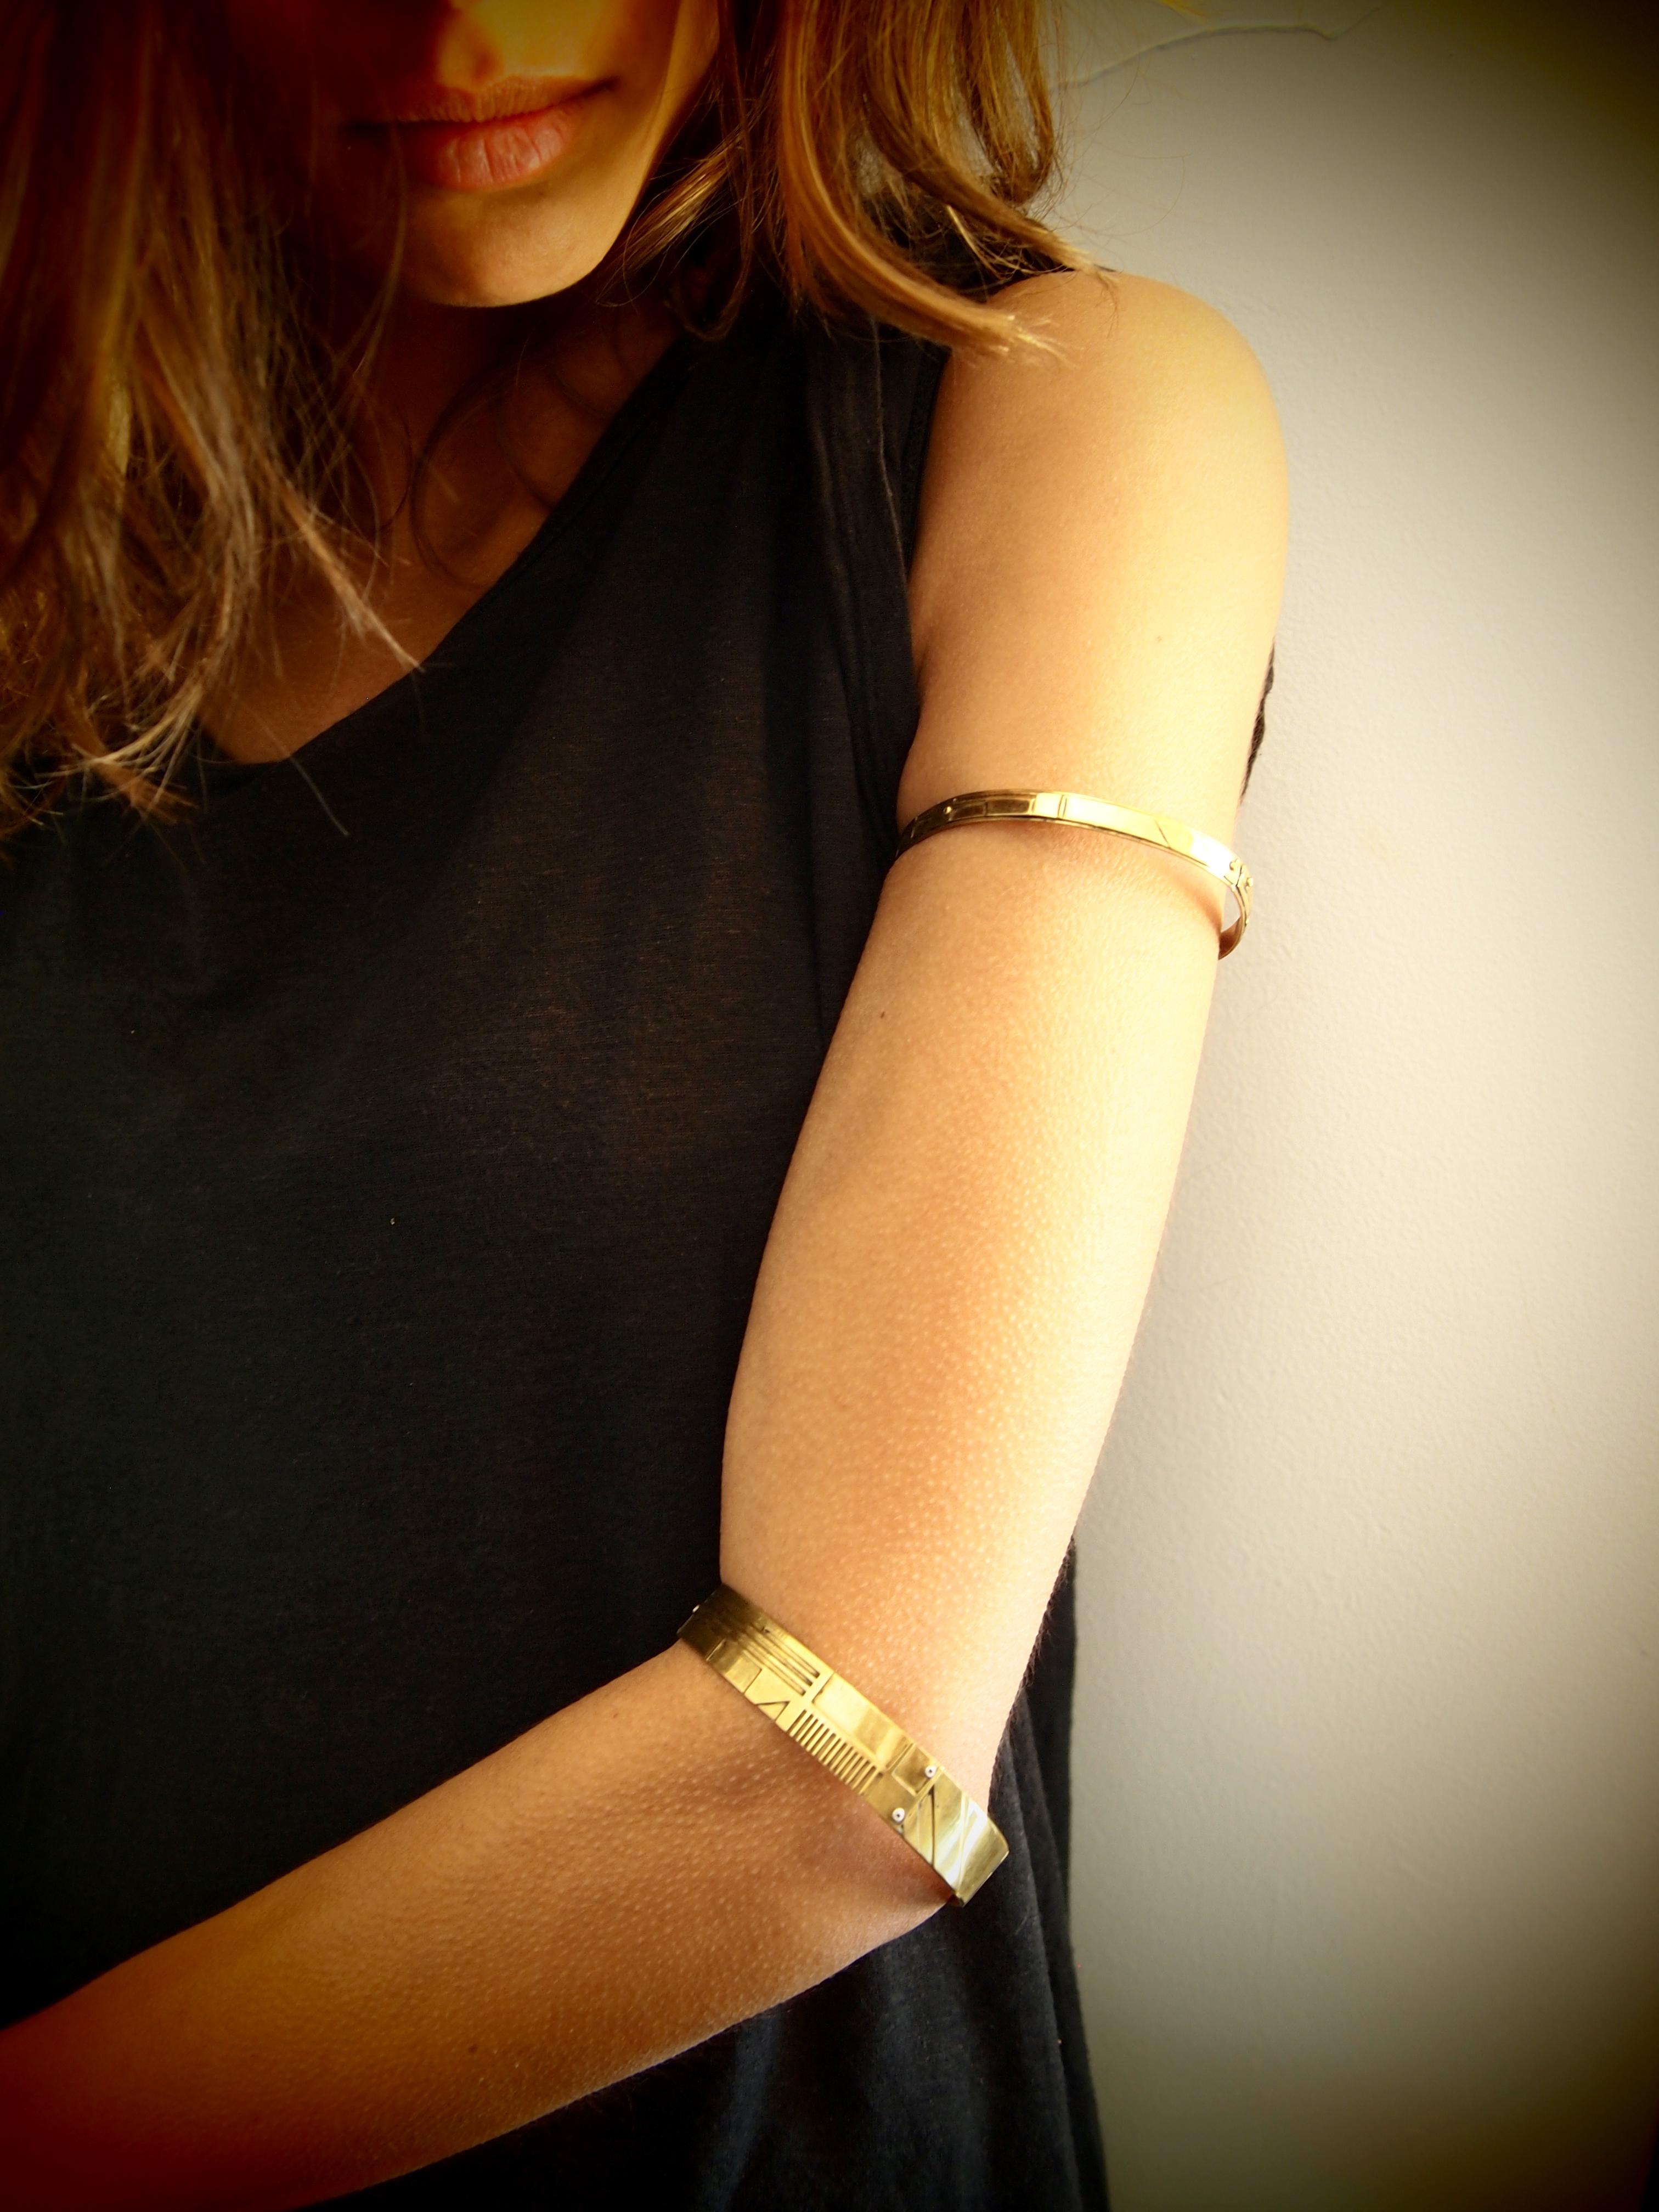 labrinyth cuffs.jpg